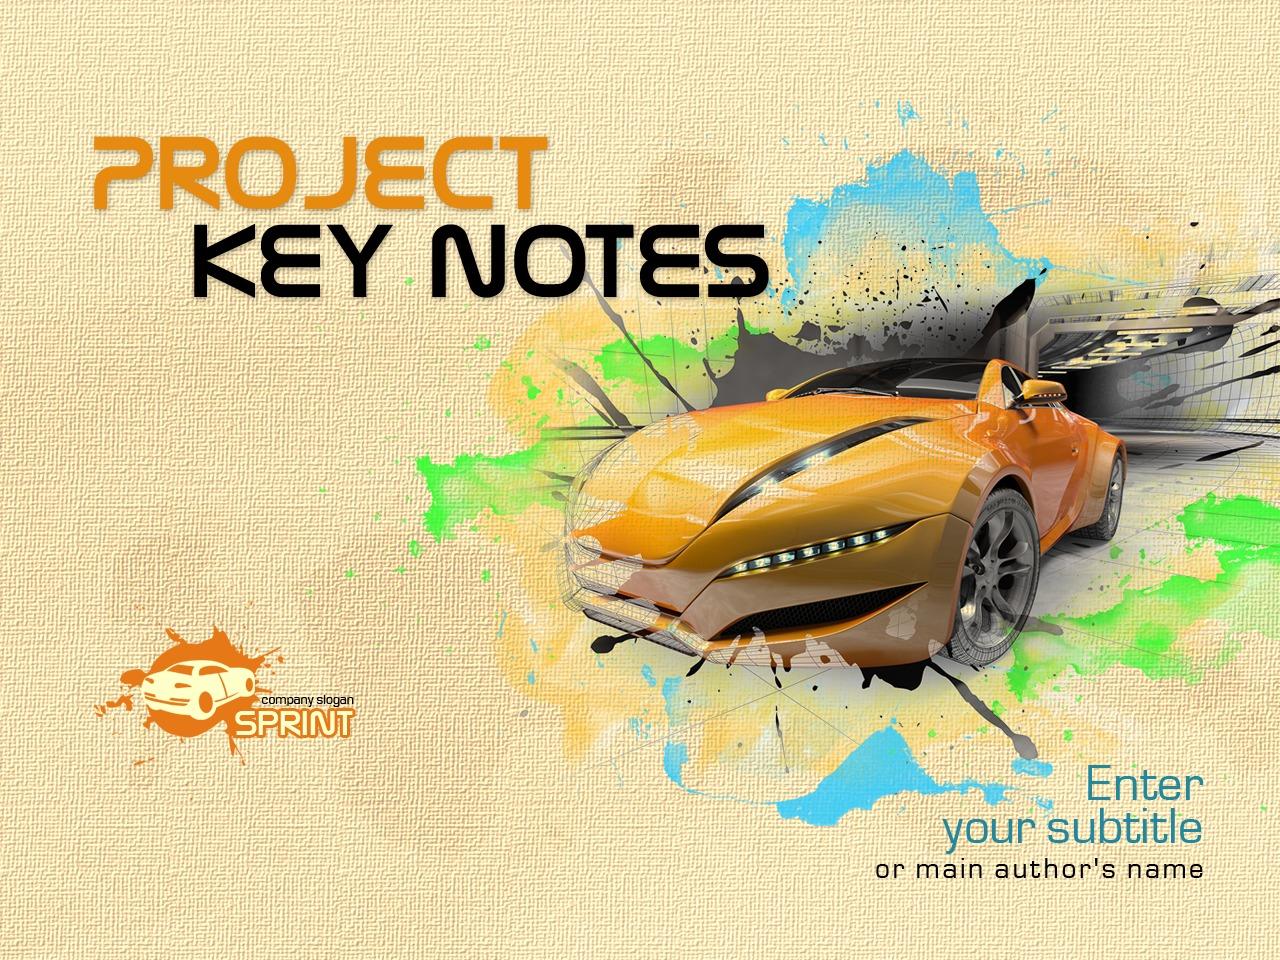 Modello PowerPoint #33104 per Un Sito di Commerciante d'Auto